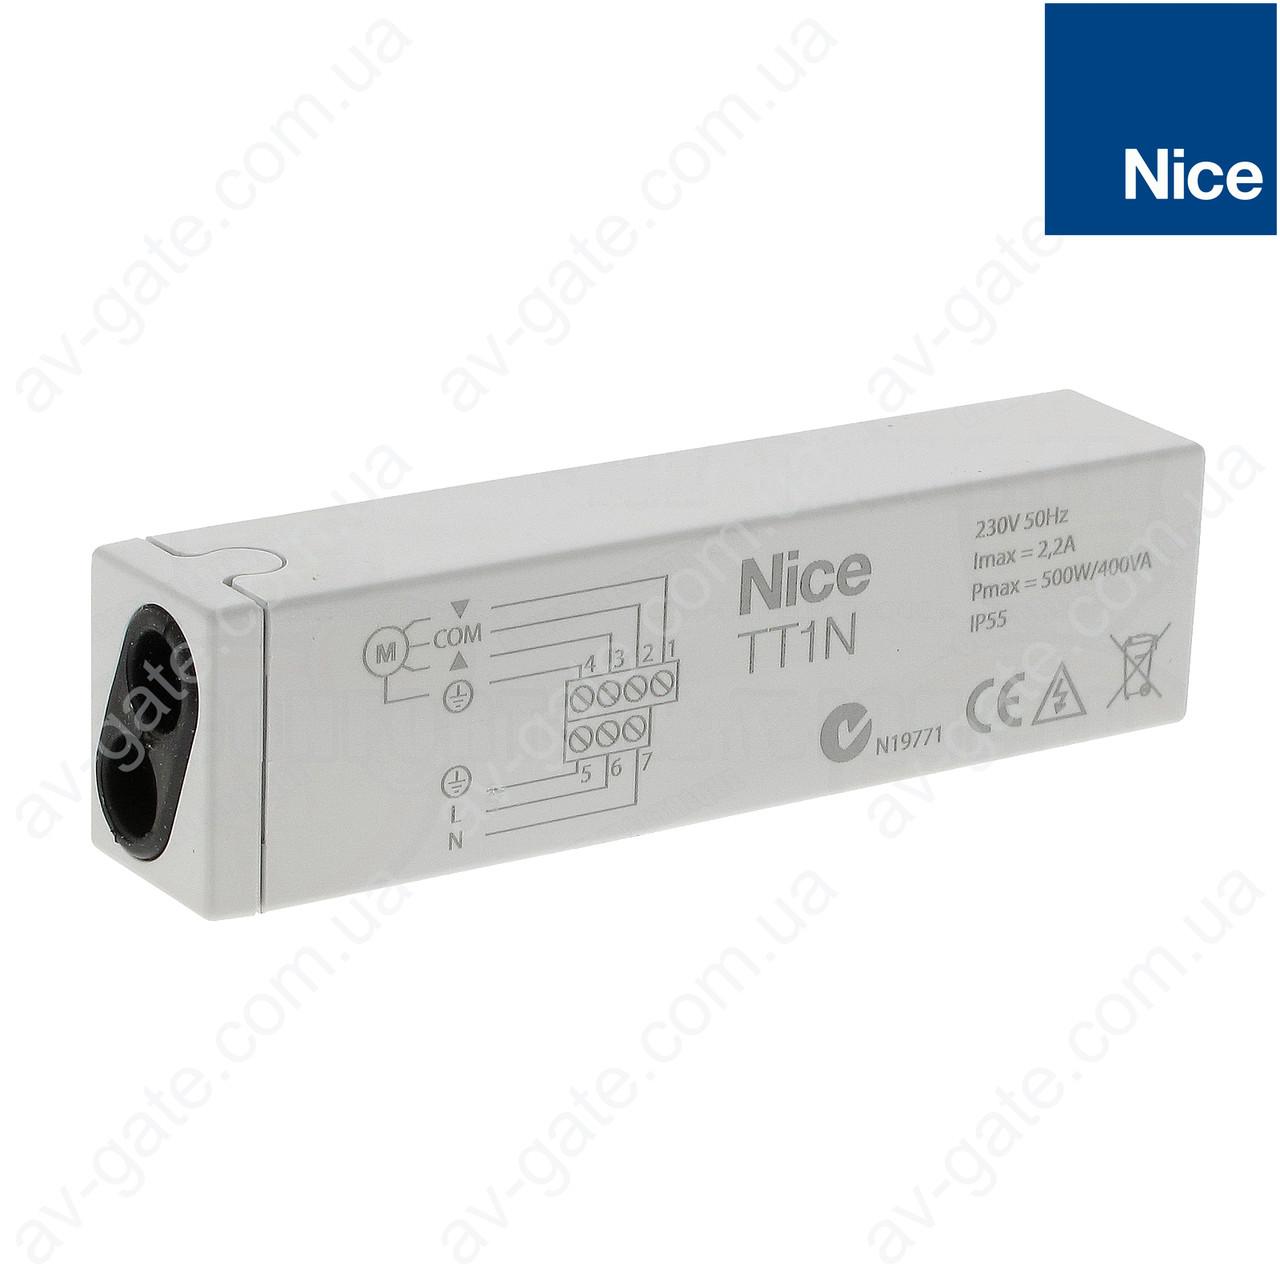 Исполнительное устройство TT1N Nice